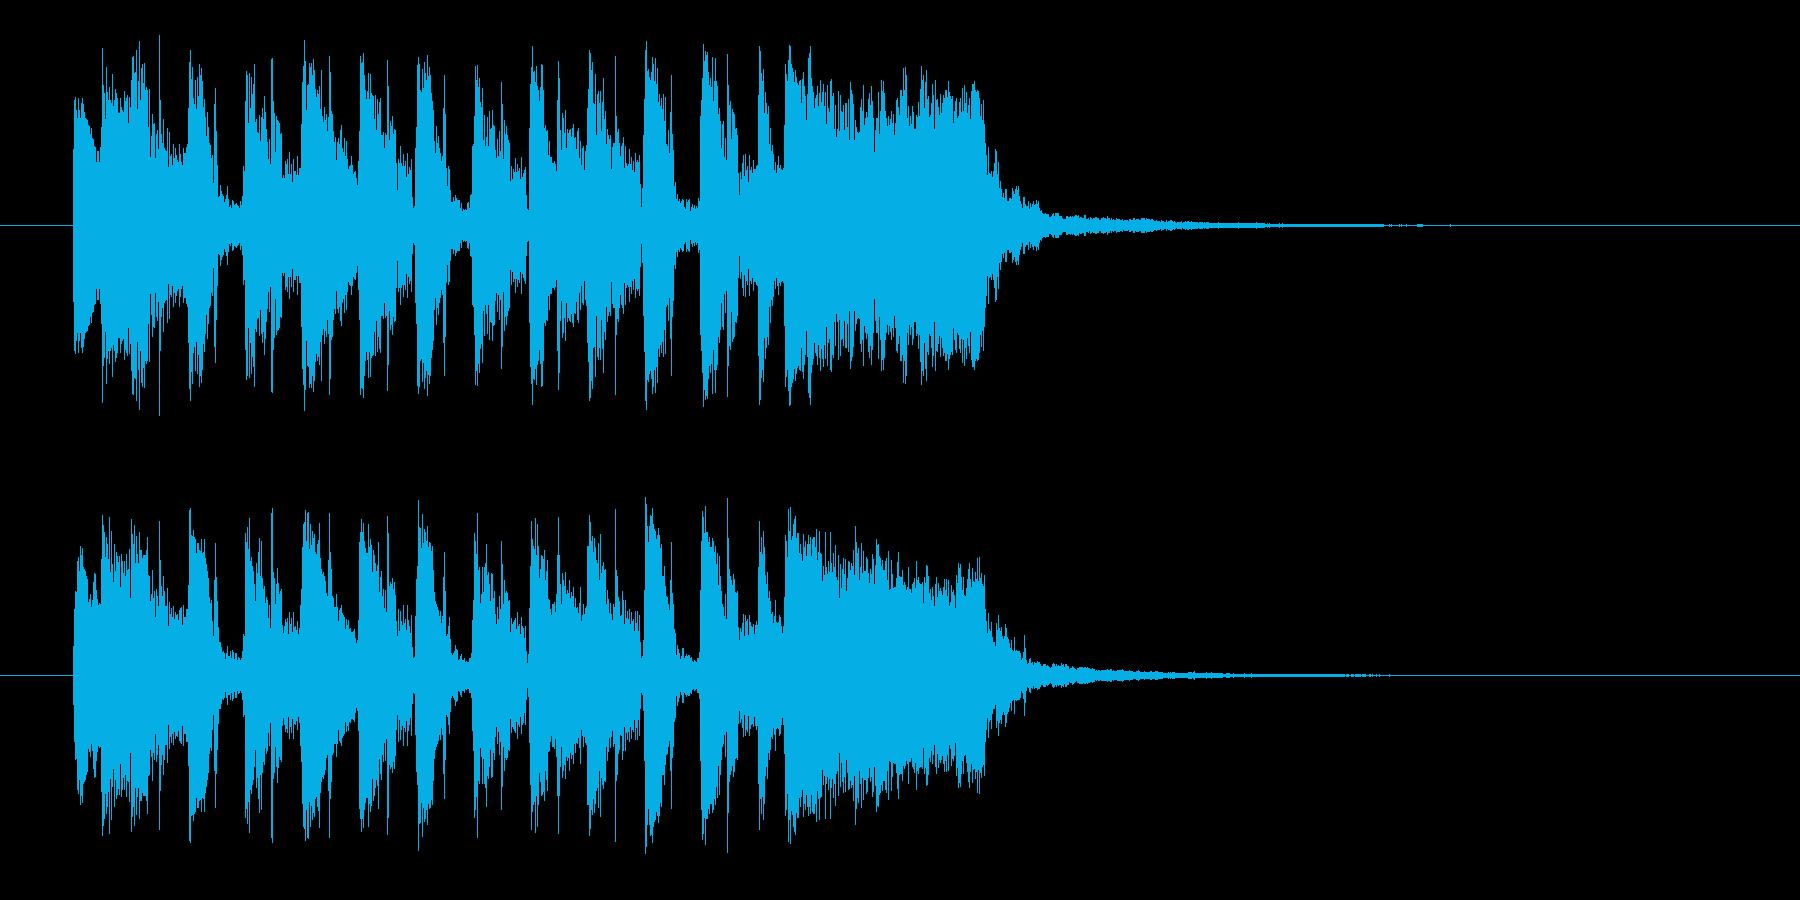 明るく楽しげな管楽器シンセサウンド短めの再生済みの波形